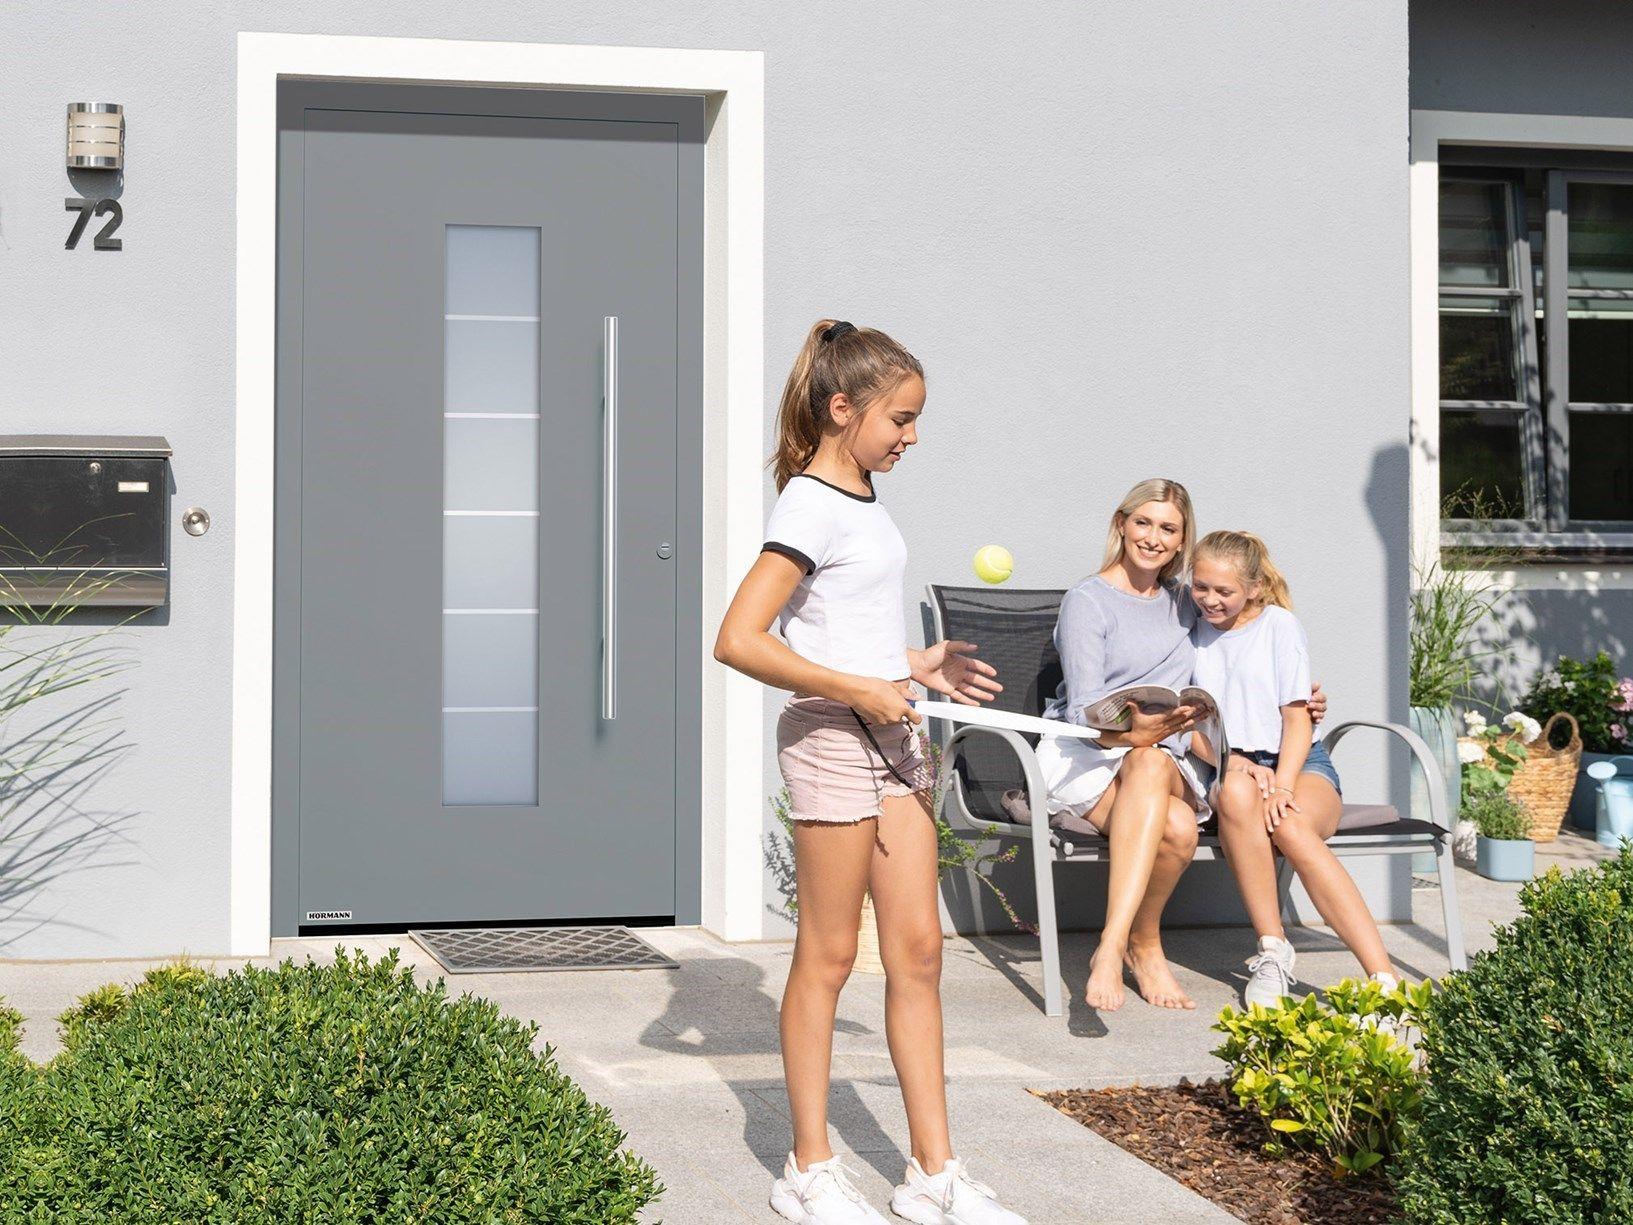 Nuova porta d'ingresso ThermoSafe Hörmann: sicura e confortevole